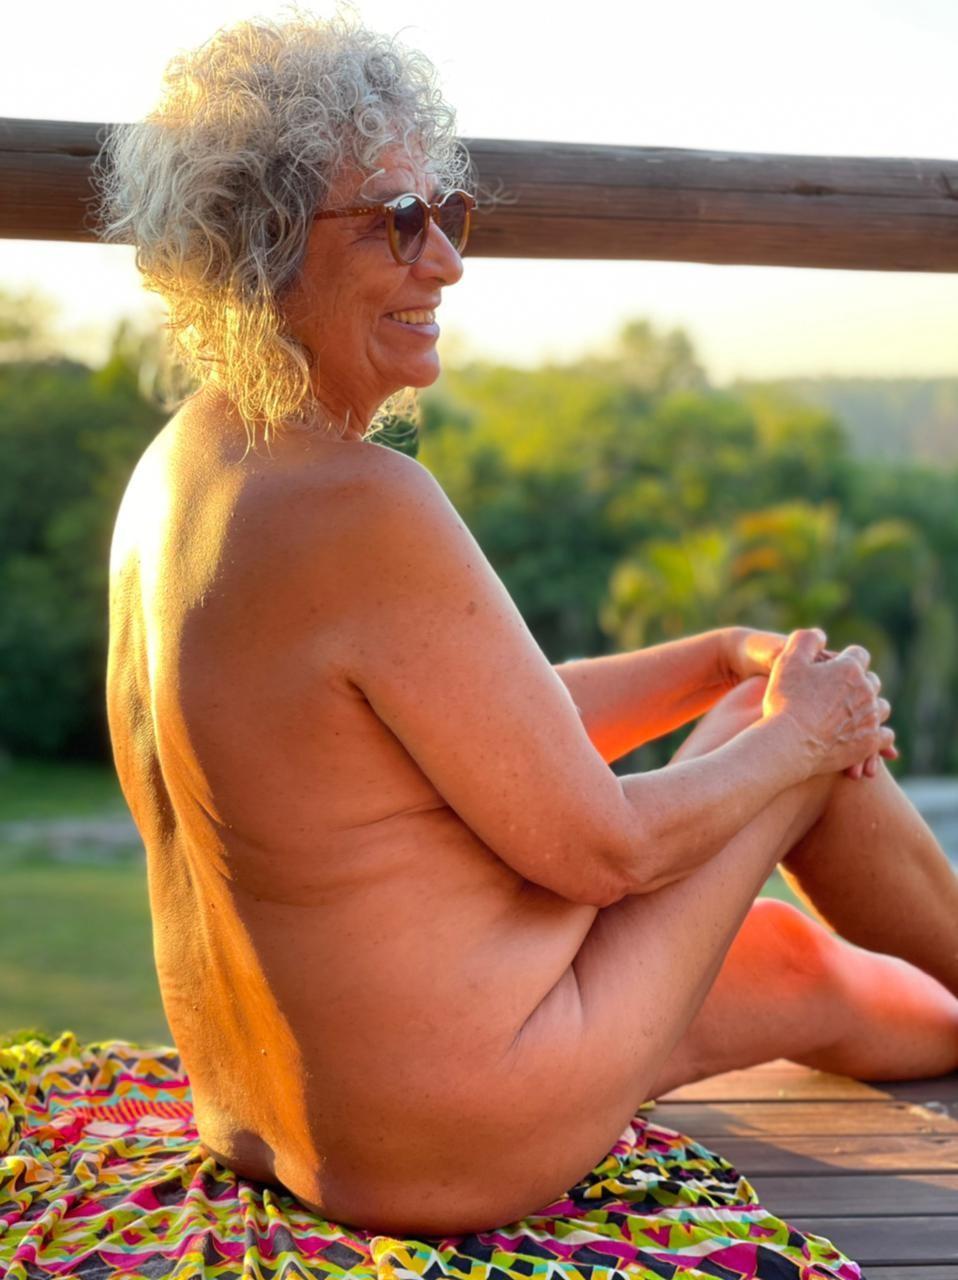 Glacy Moraes Machado tem 70 anos e é praticante de nudismo e sócia de um clube naturista (Foto: Arquivo pessoal)